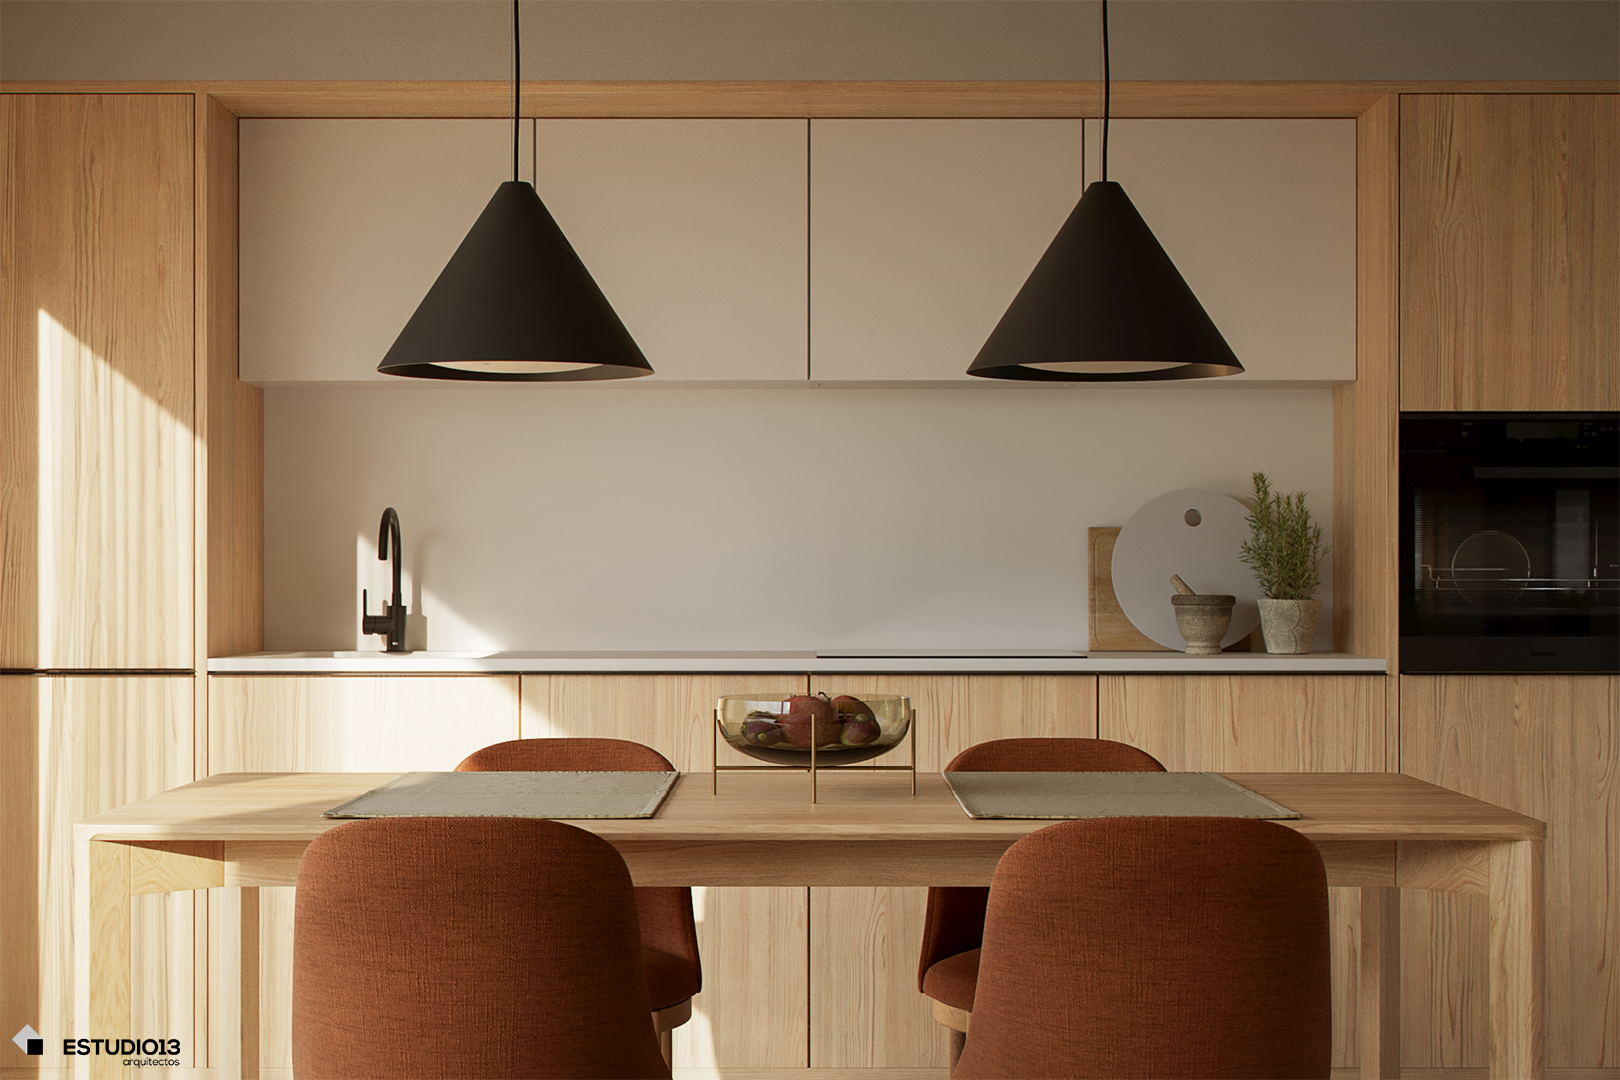 estudio13arquitectos_vivienda_modular_interior_04